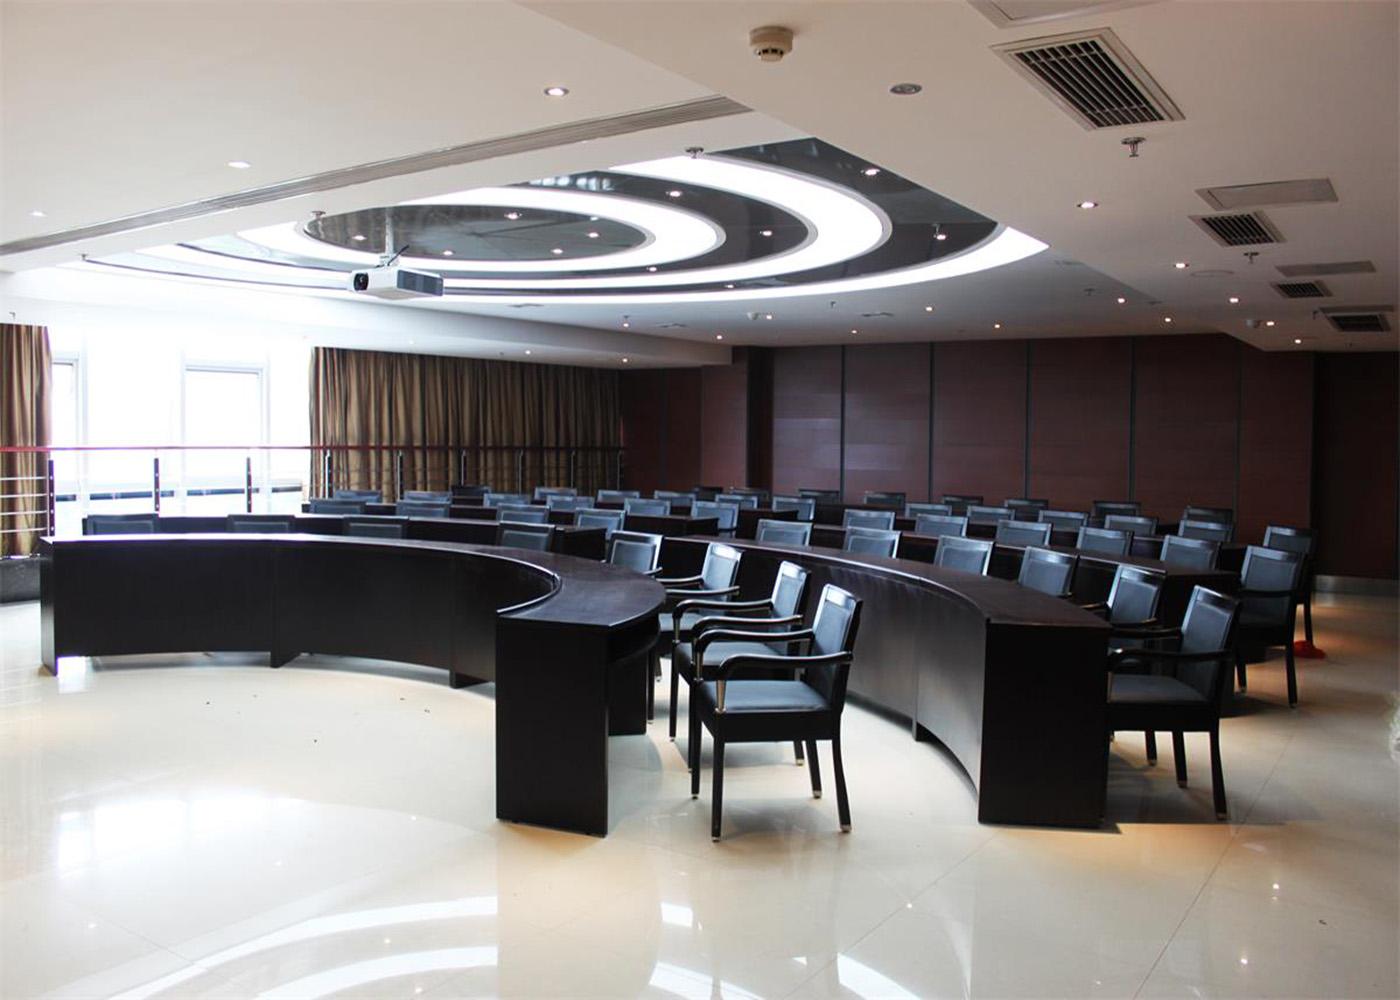 雷蒂斯会议桌A08,上海会议桌,【尺寸 价格 图片 品牌】